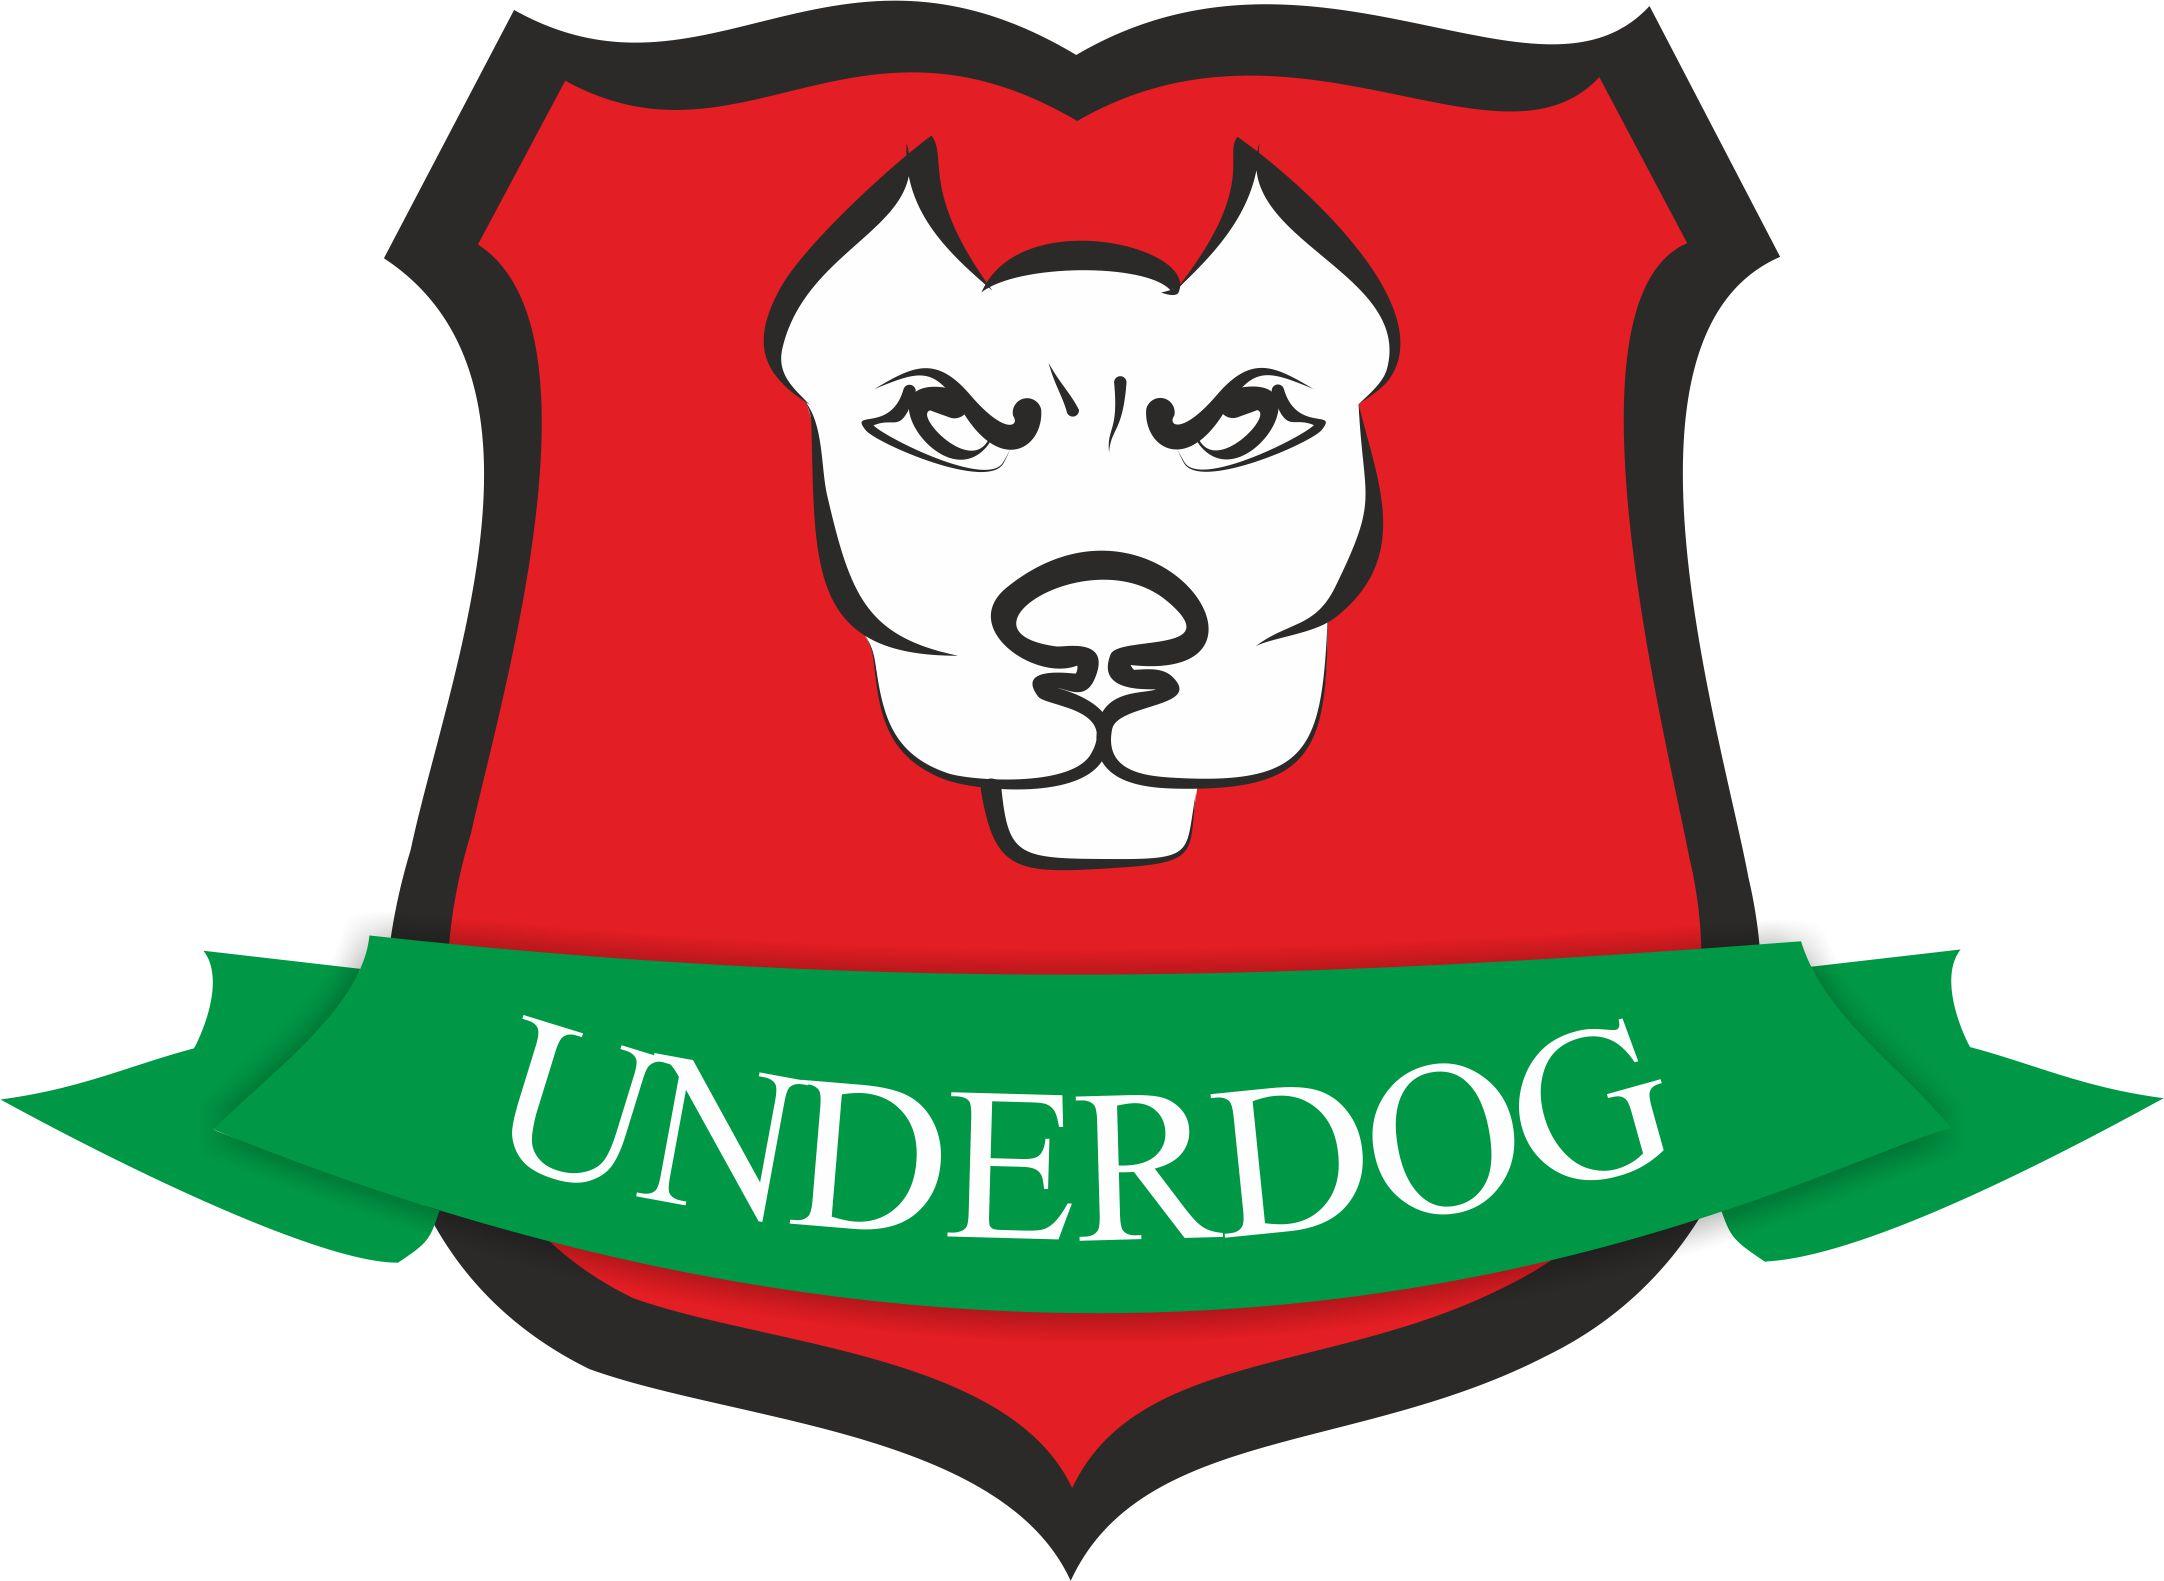 Футбольный клуб UNDERDOG - разработать фирстиль и бренд-бук фото f_3775caf512c67f20.jpg